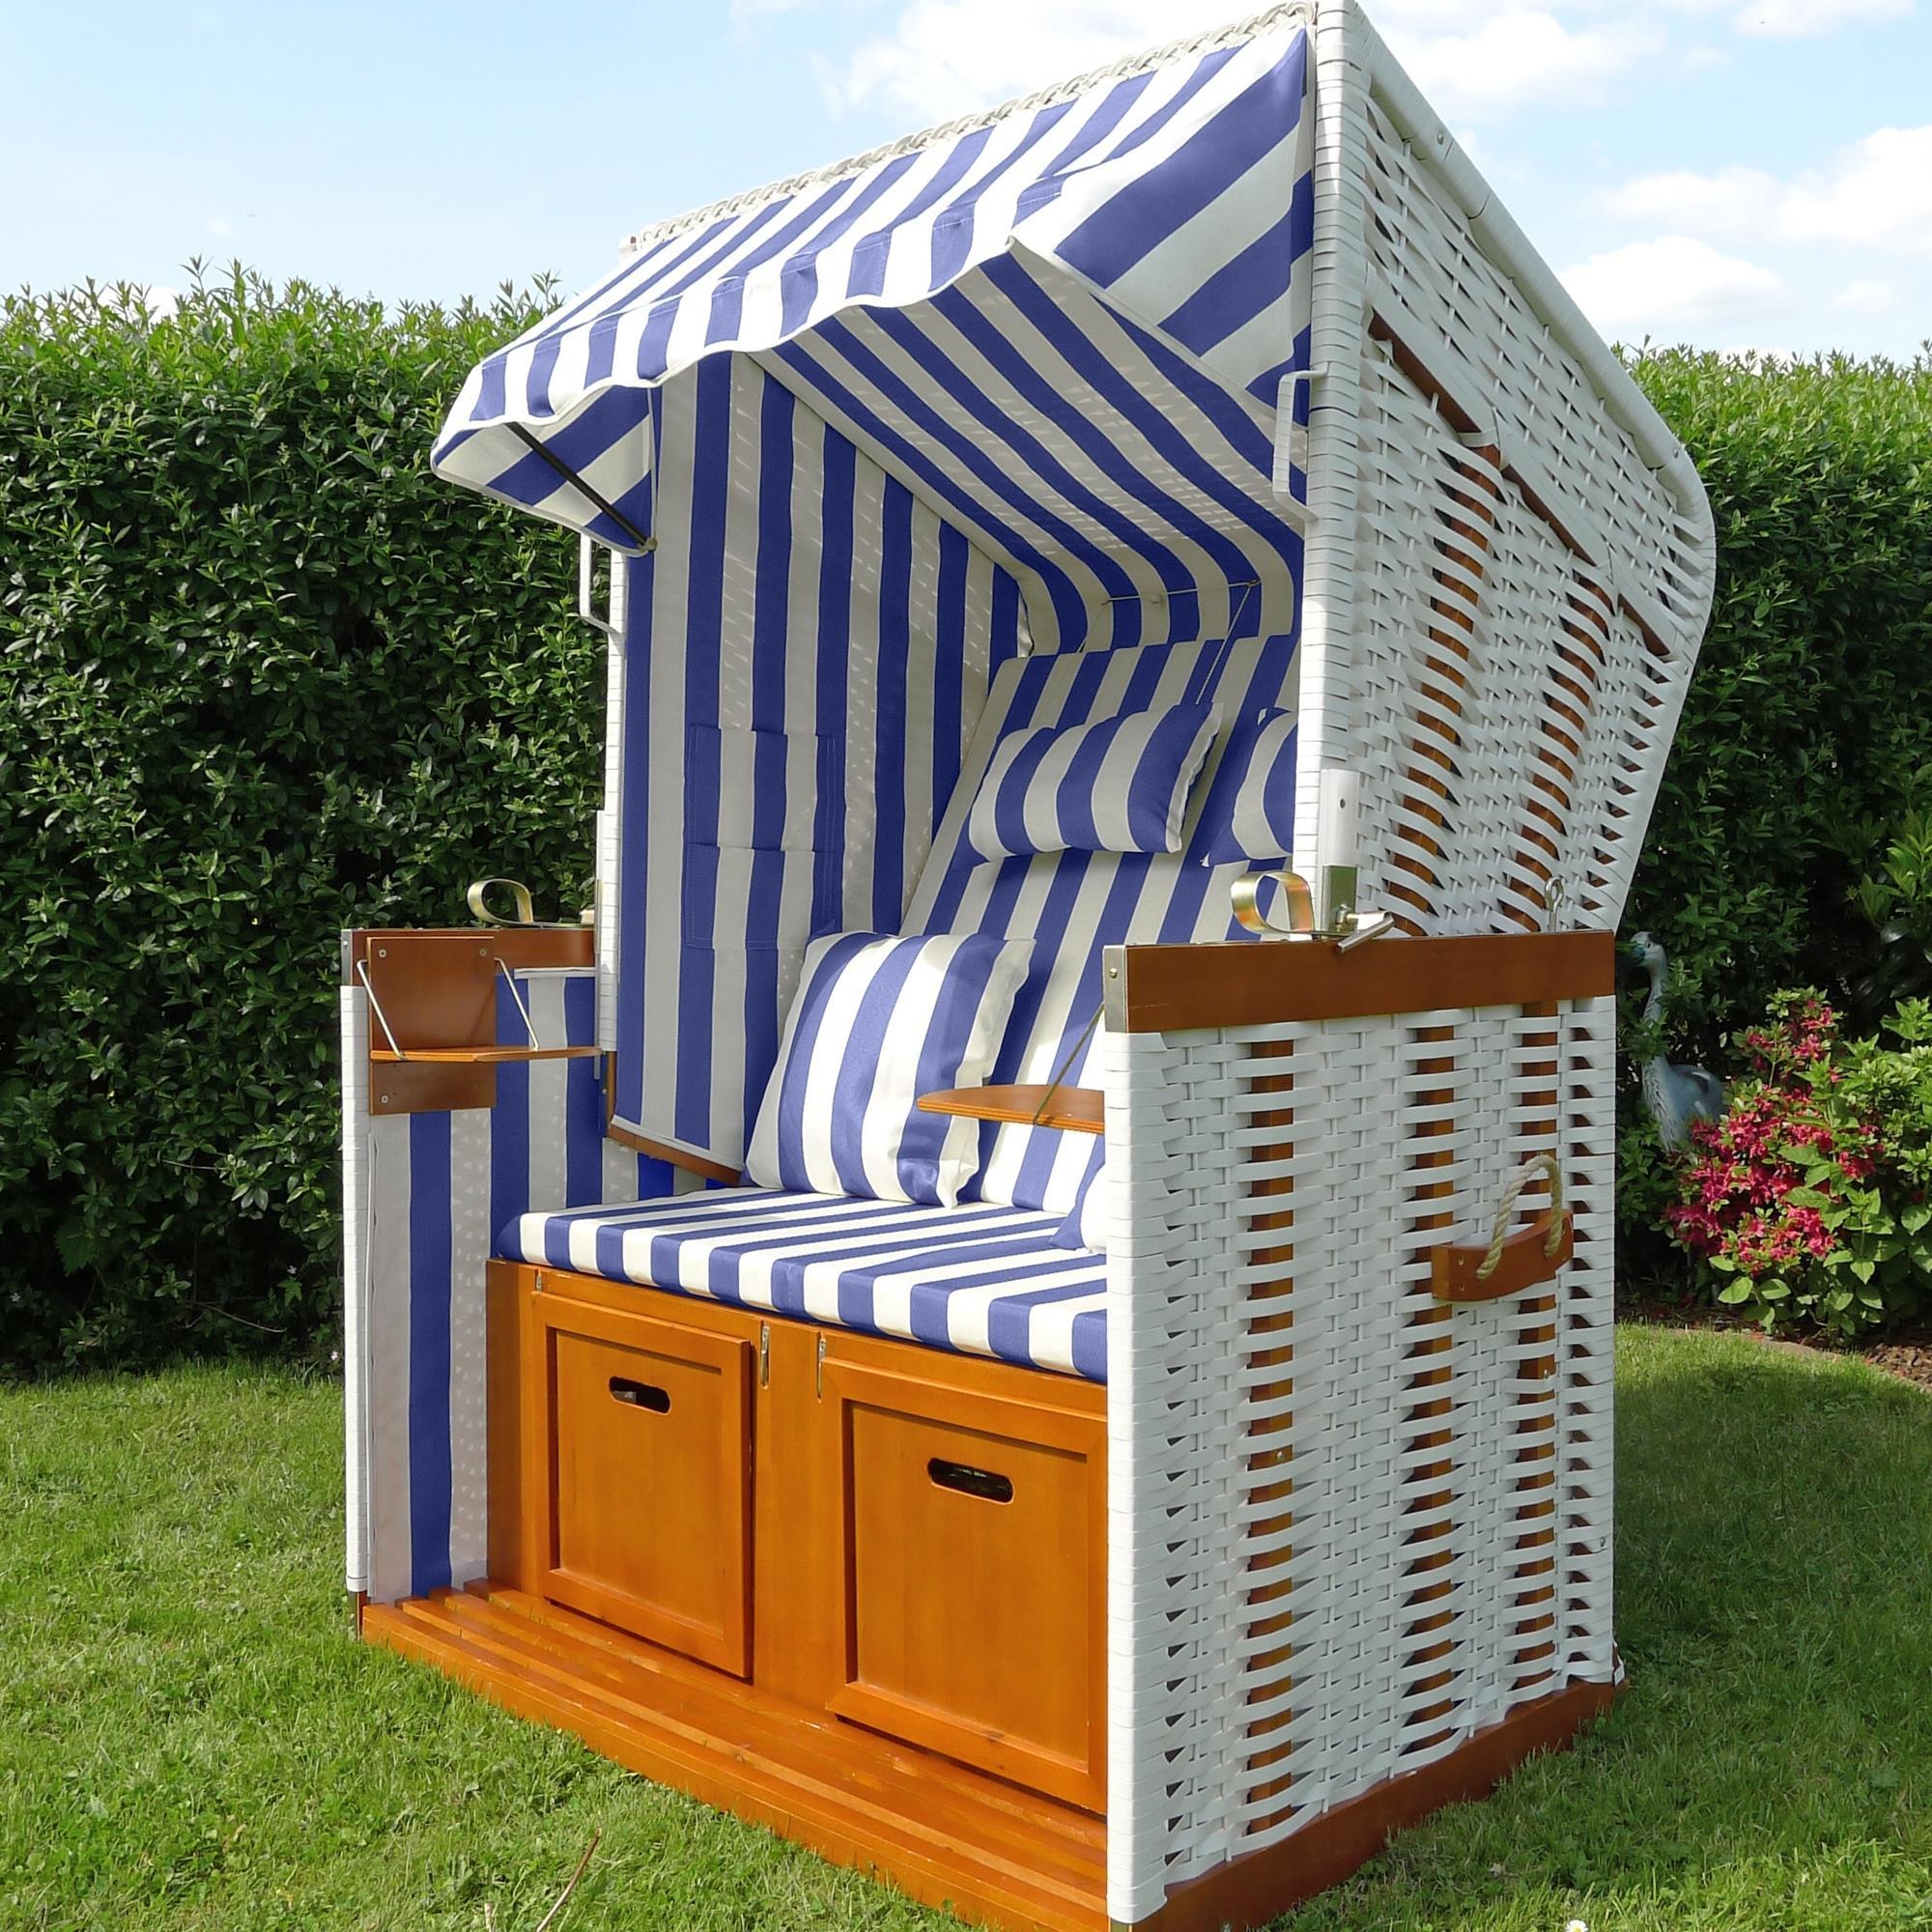 strandkorb strandk rbe garten liege fu st tzen klapptische kissen blau wei ebay. Black Bedroom Furniture Sets. Home Design Ideas